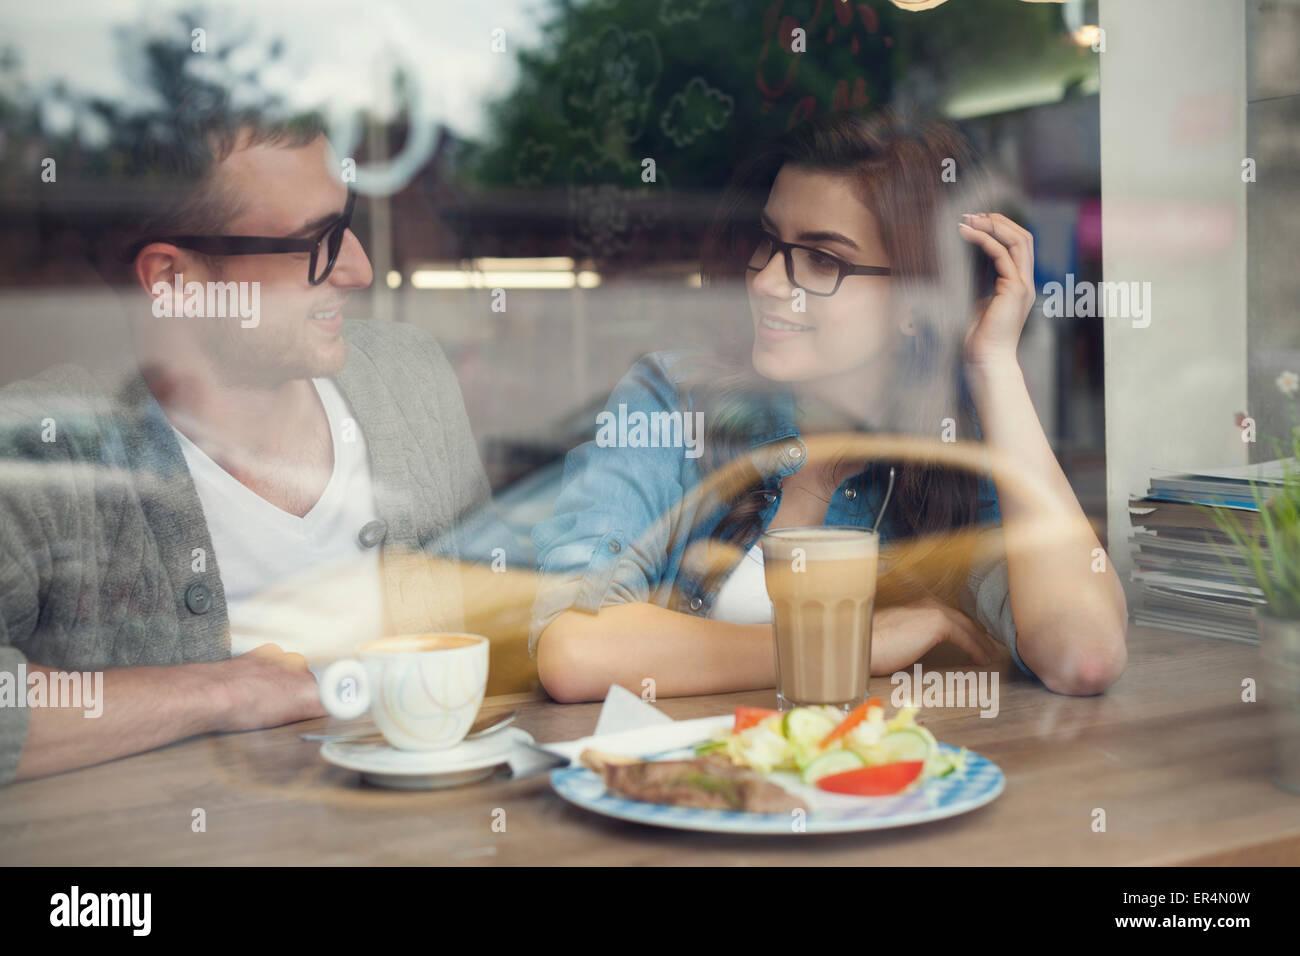 Feliz al hombre y a la mujer a la hora del almuerzo. Cracovia, Polonia Imagen De Stock